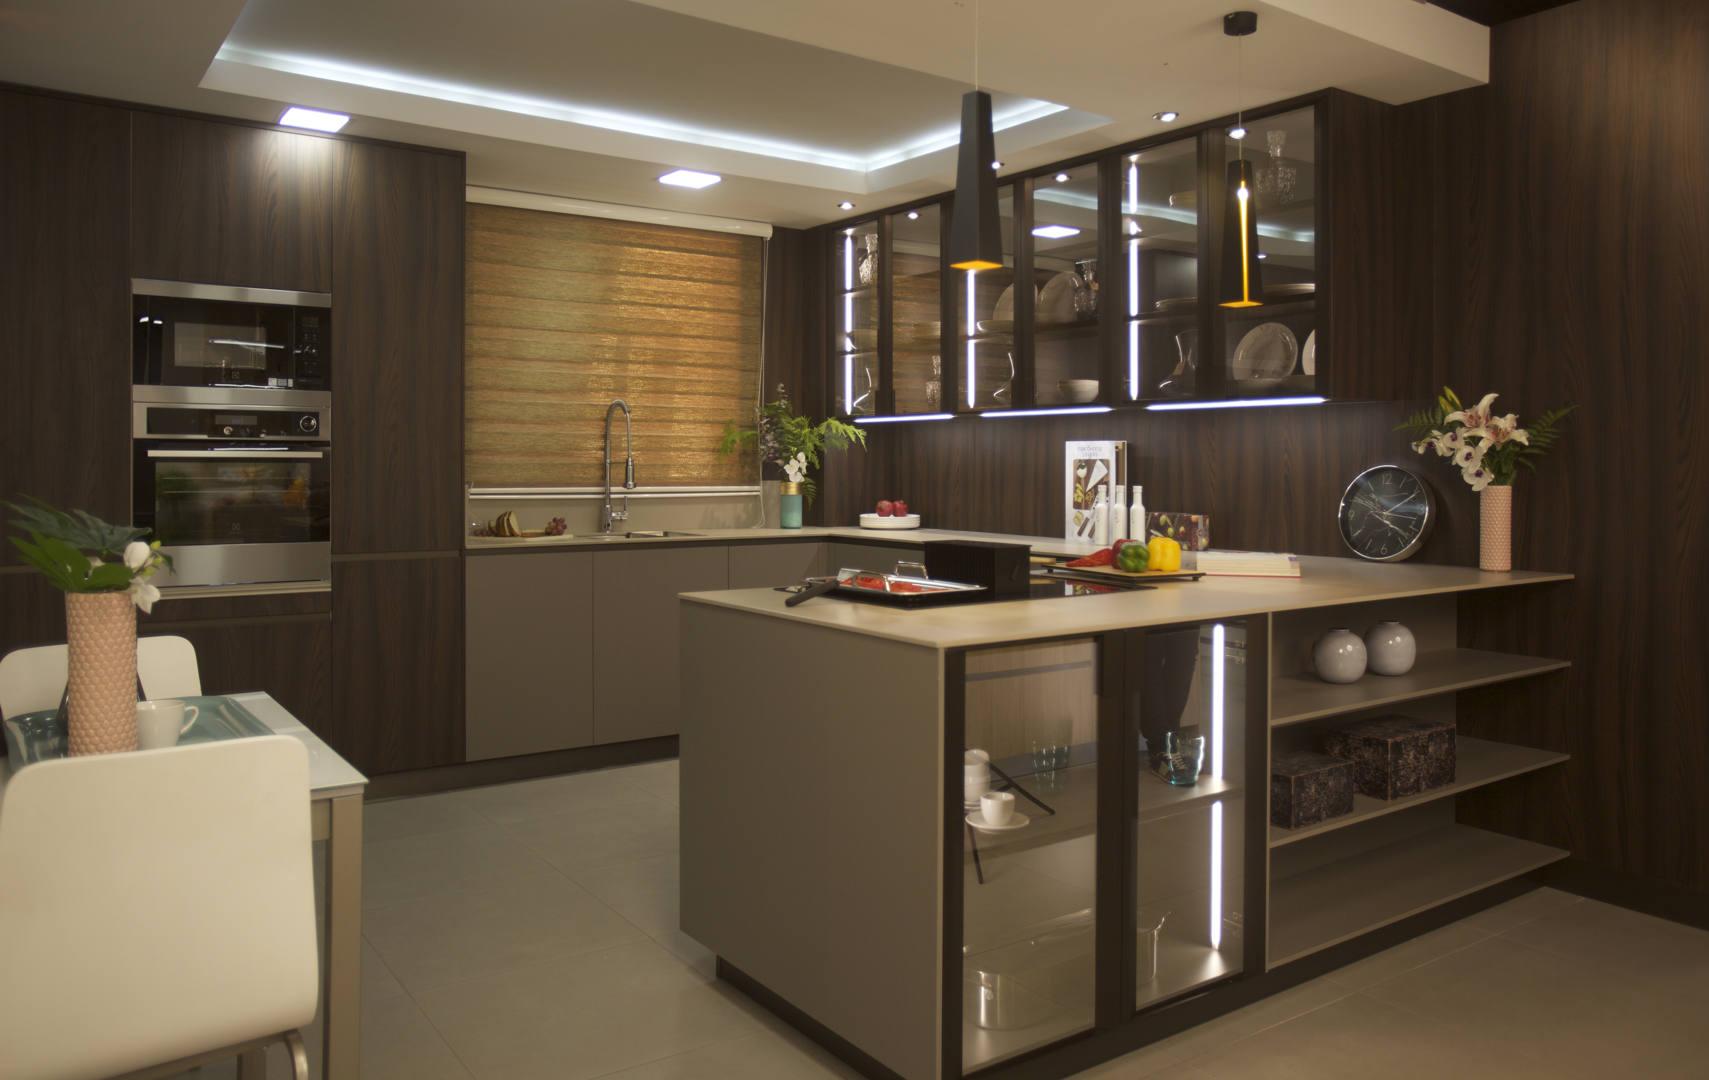 Tendencias en dise o de cocinas acana interiorismo - Acana interiorismo ...